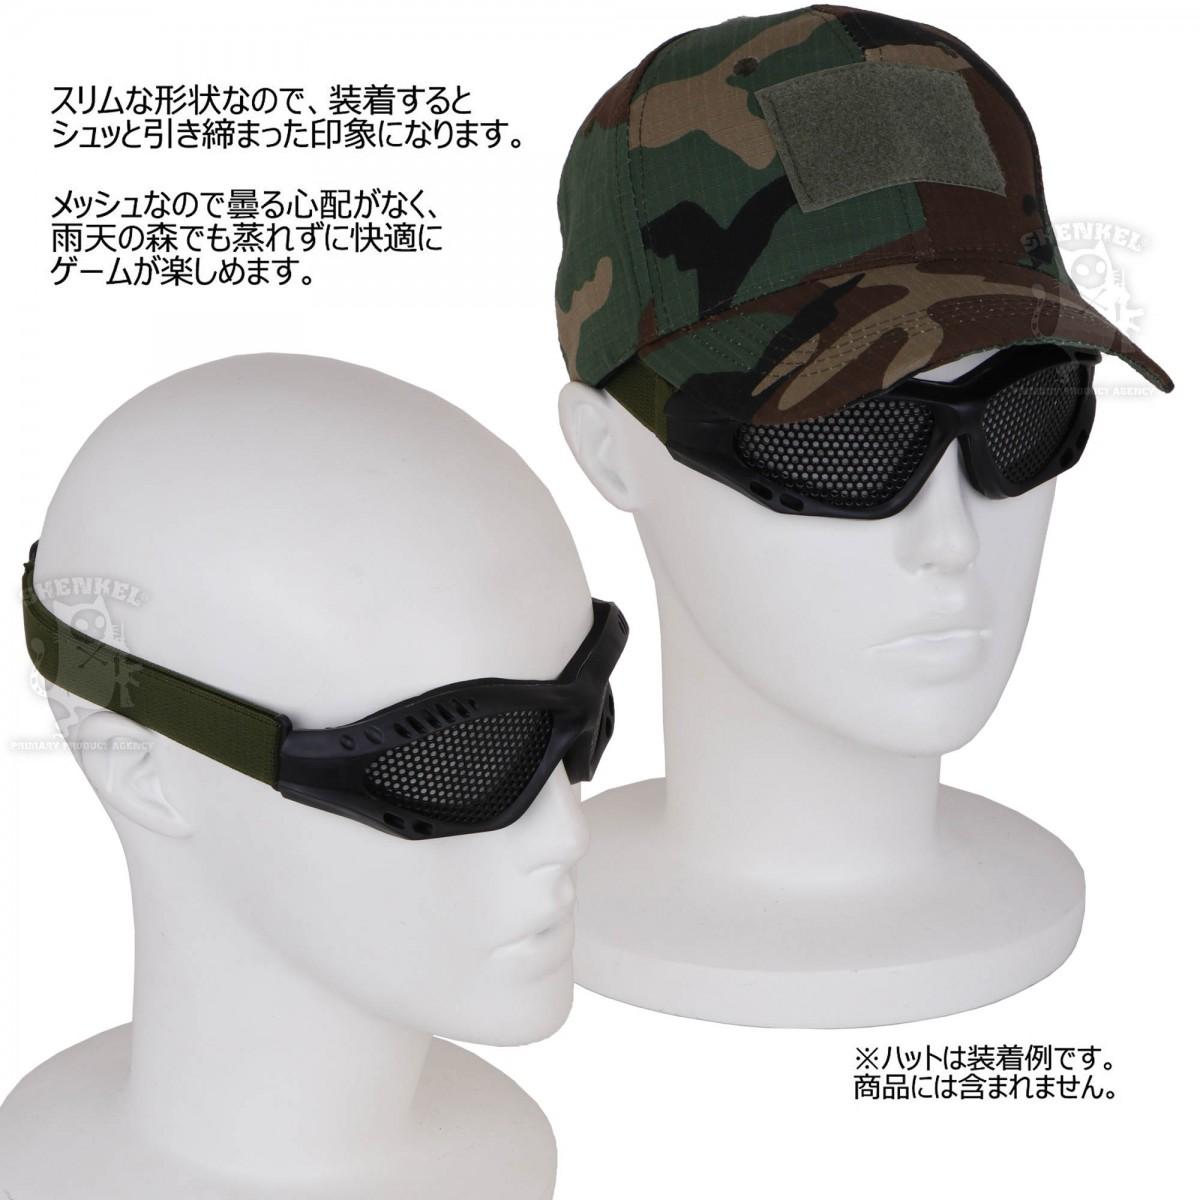 タクティカル メッシュゴーグル アイプロテクター コンパクト 黒 BK